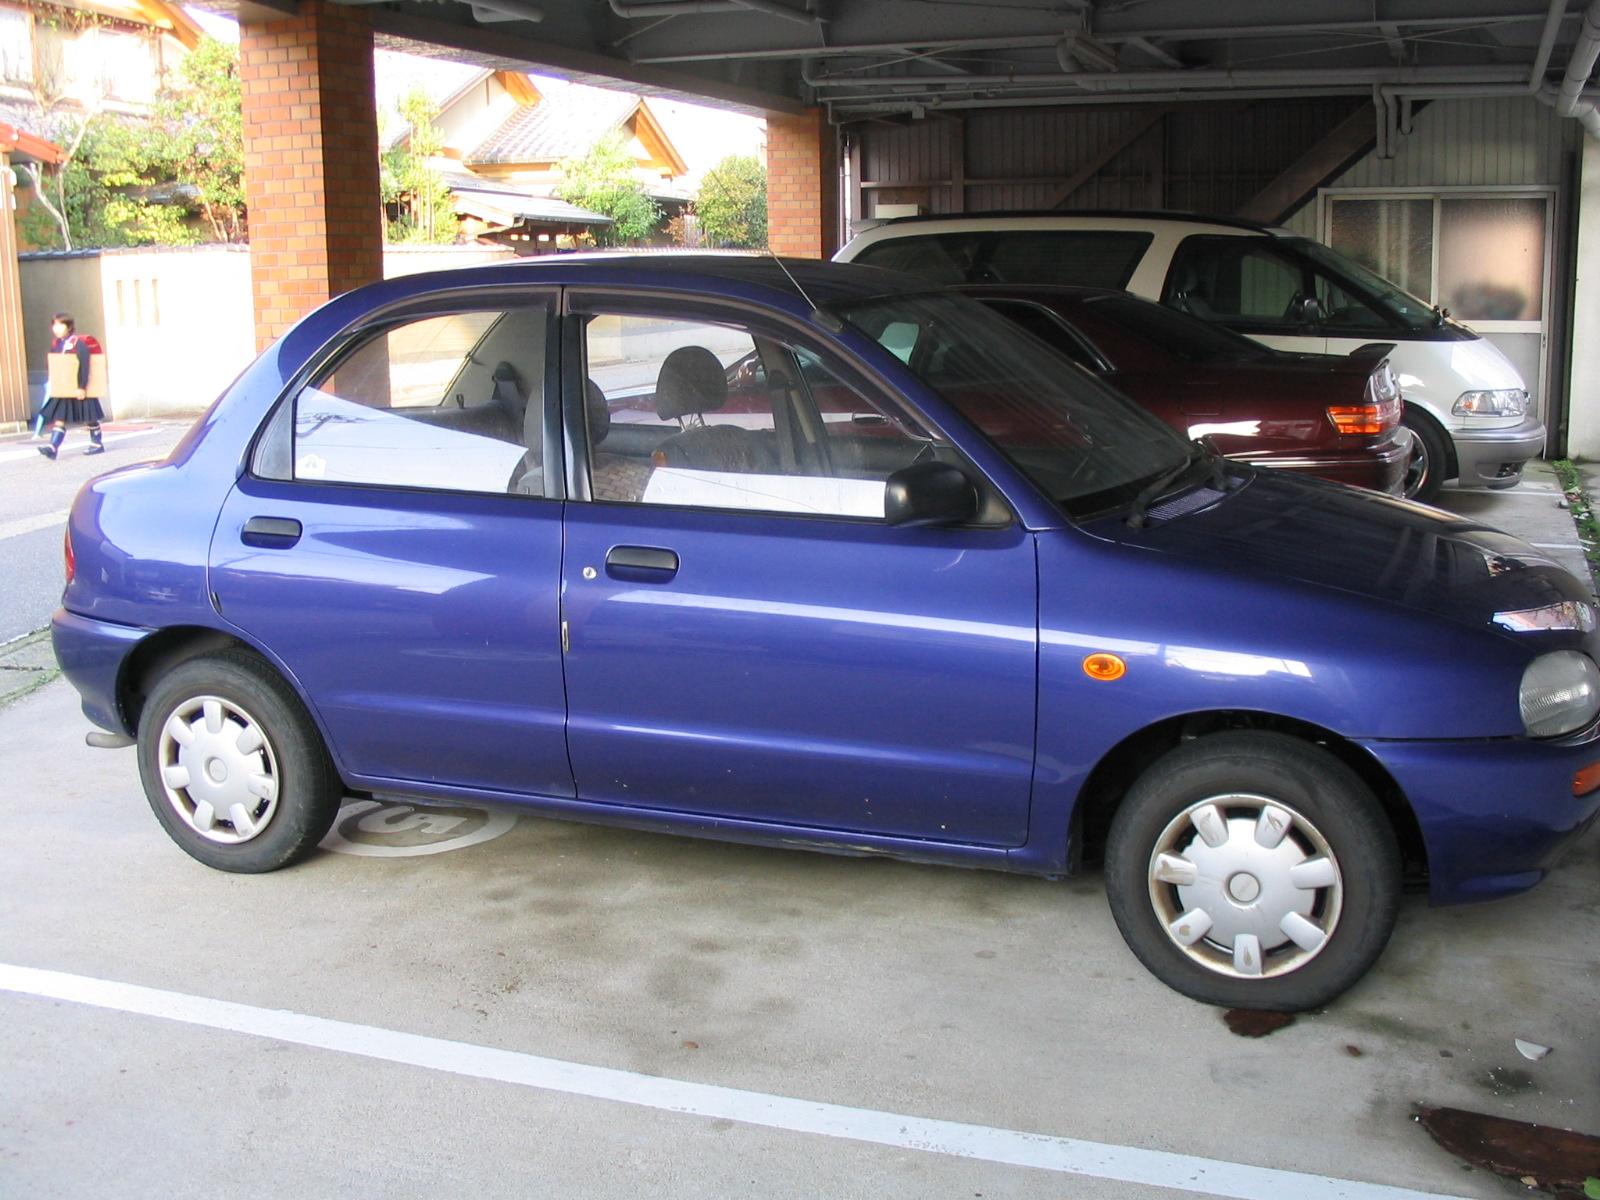 MAZDA 121 blue